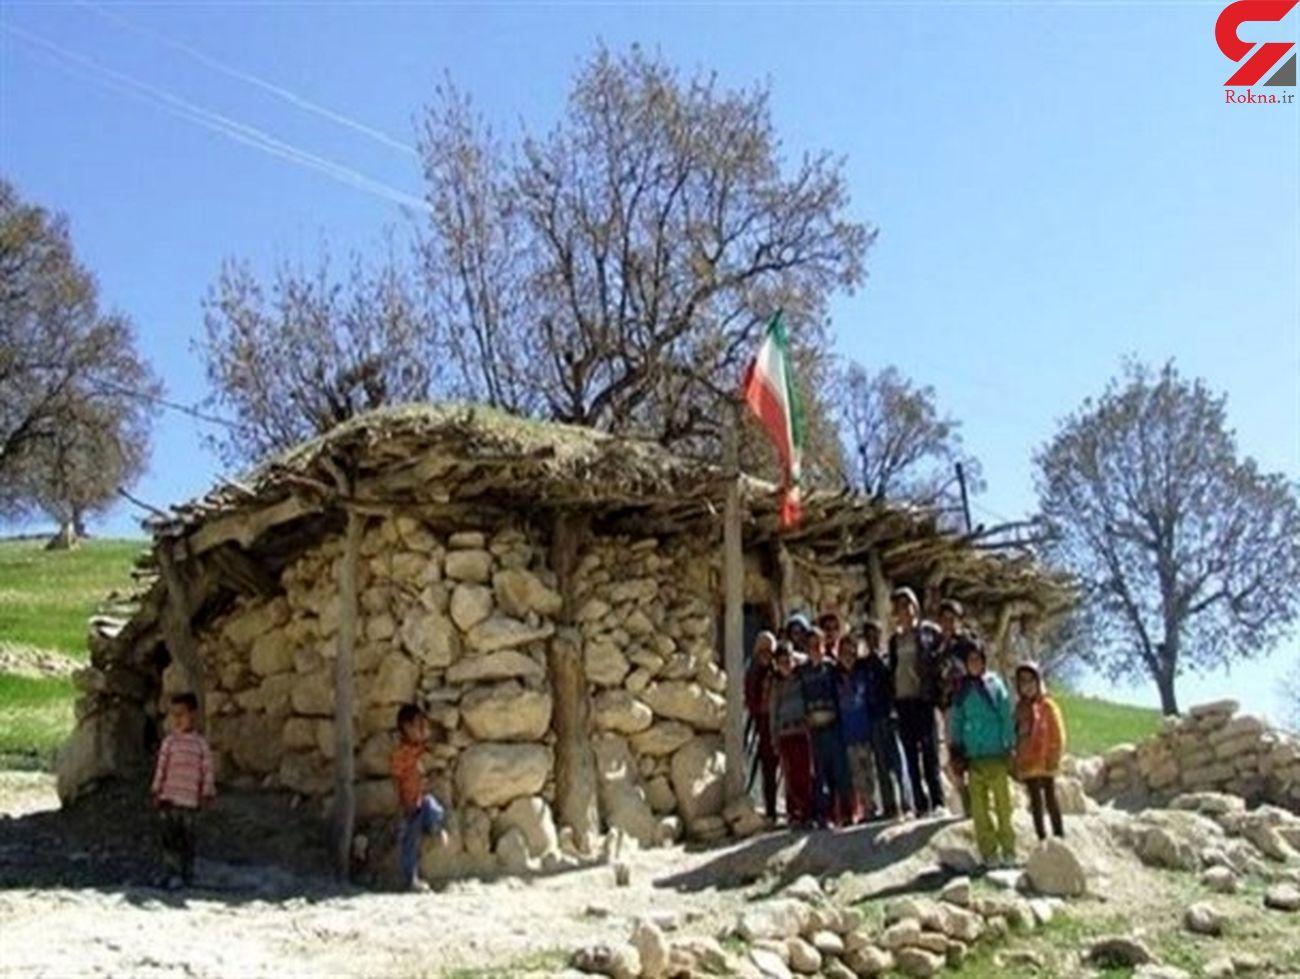 تلاش برای حذف 4 هزار مدرسه سنگی / وجود 300 مدرسه کانکسی در خوزستان + فیلم